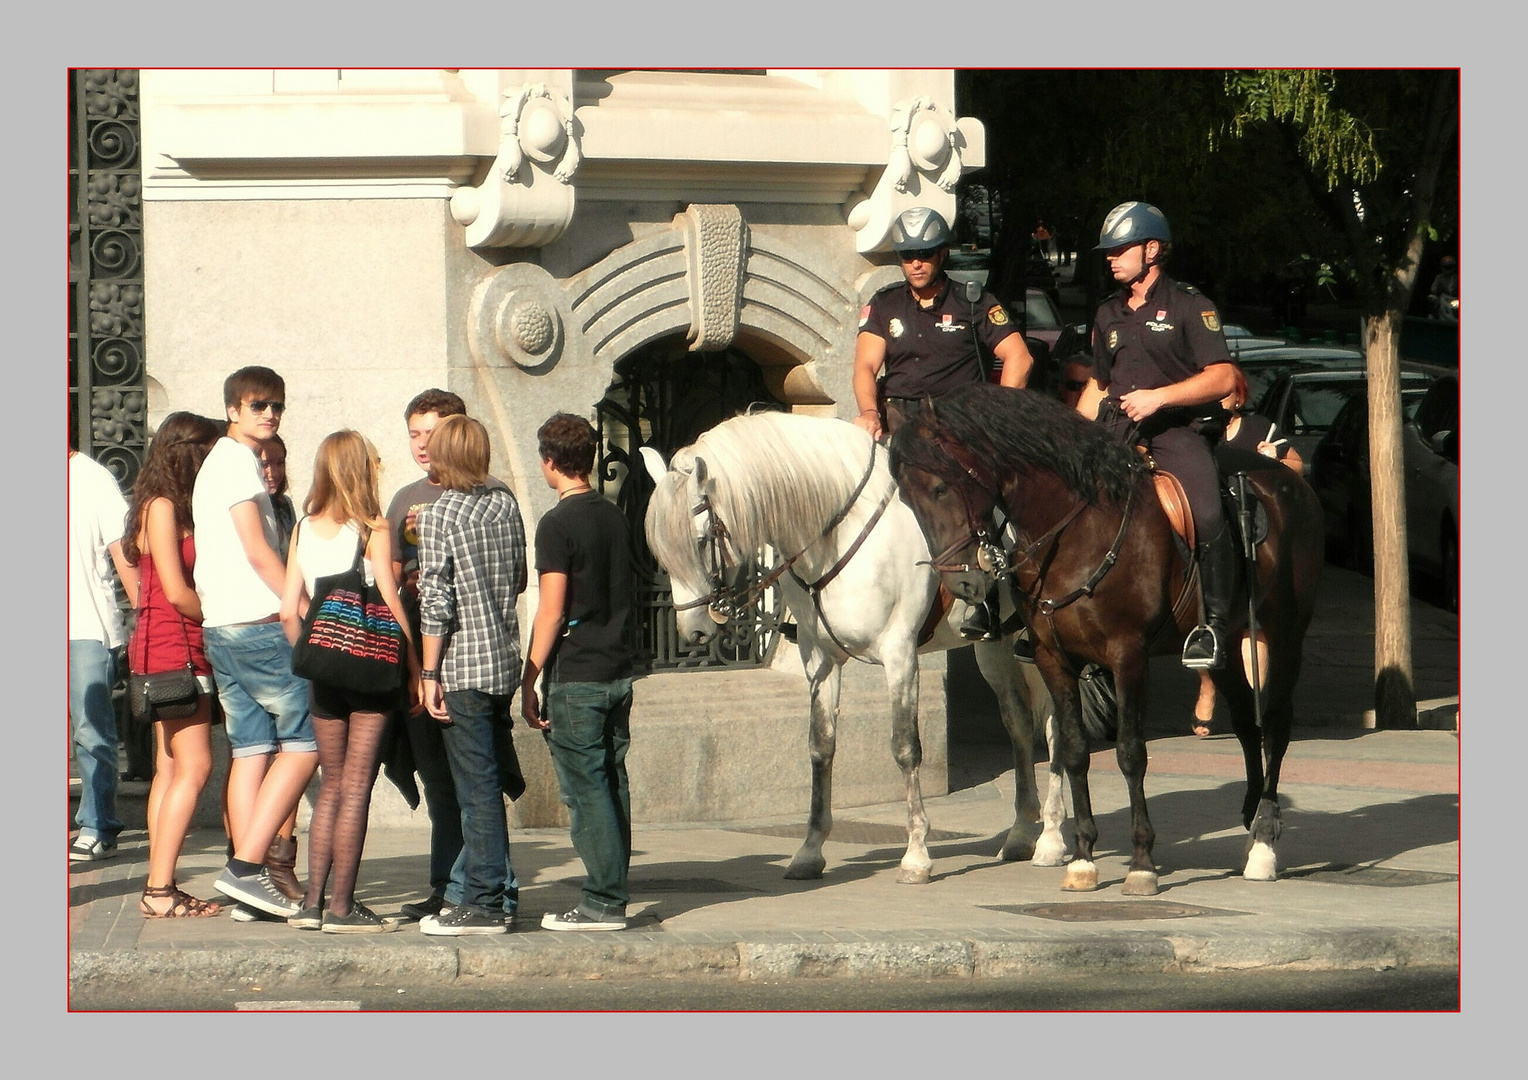 - Policia Montada -